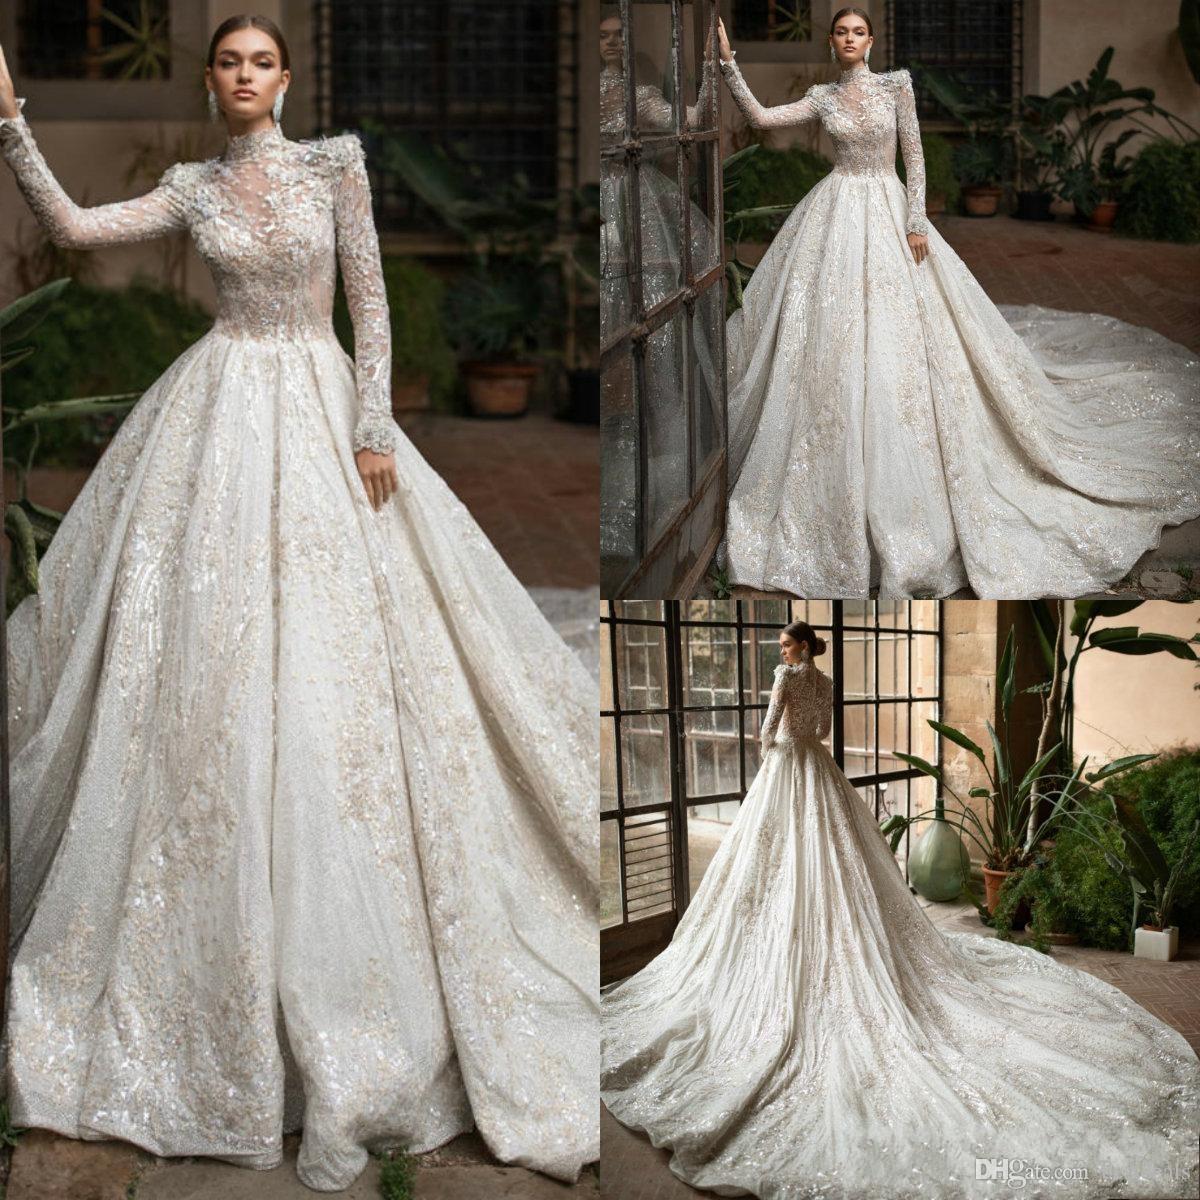 Acheter 2020 Nouveau Luxe Robes De Mariée